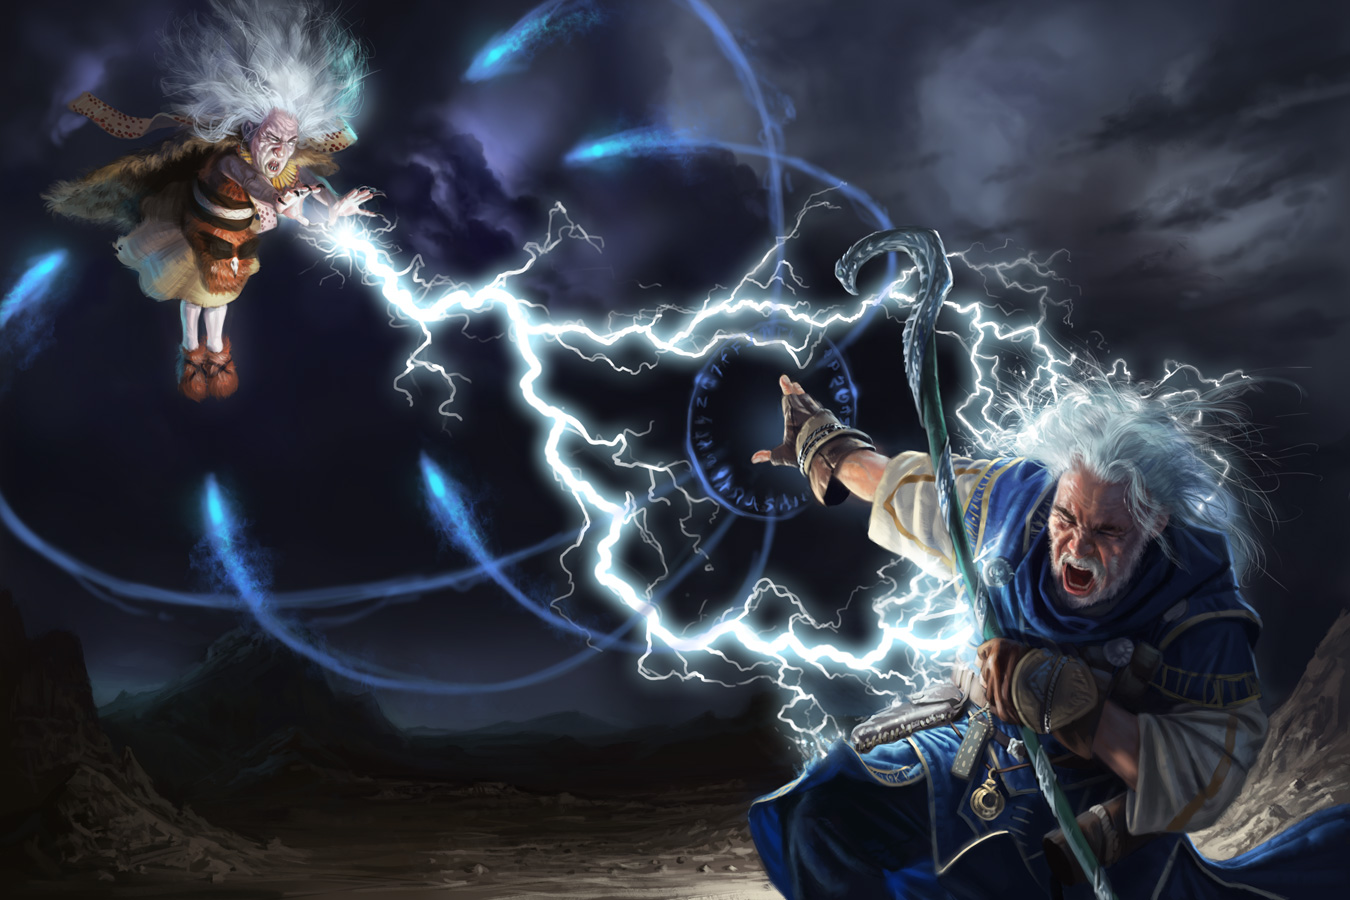 Ezren vs Storm Hag